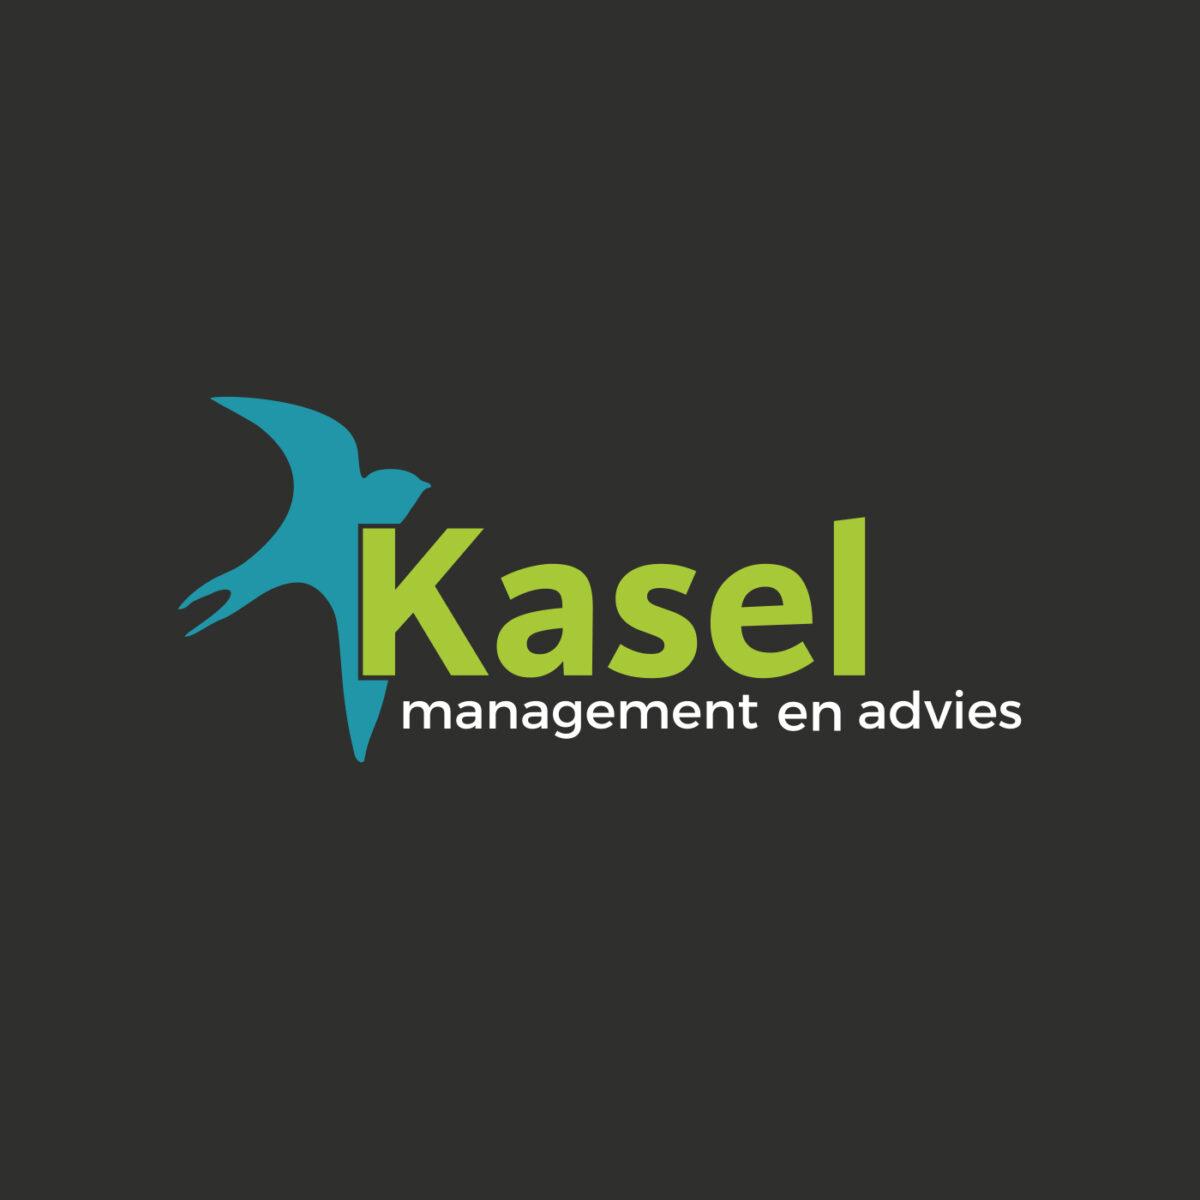 Logo Kasel management en advies